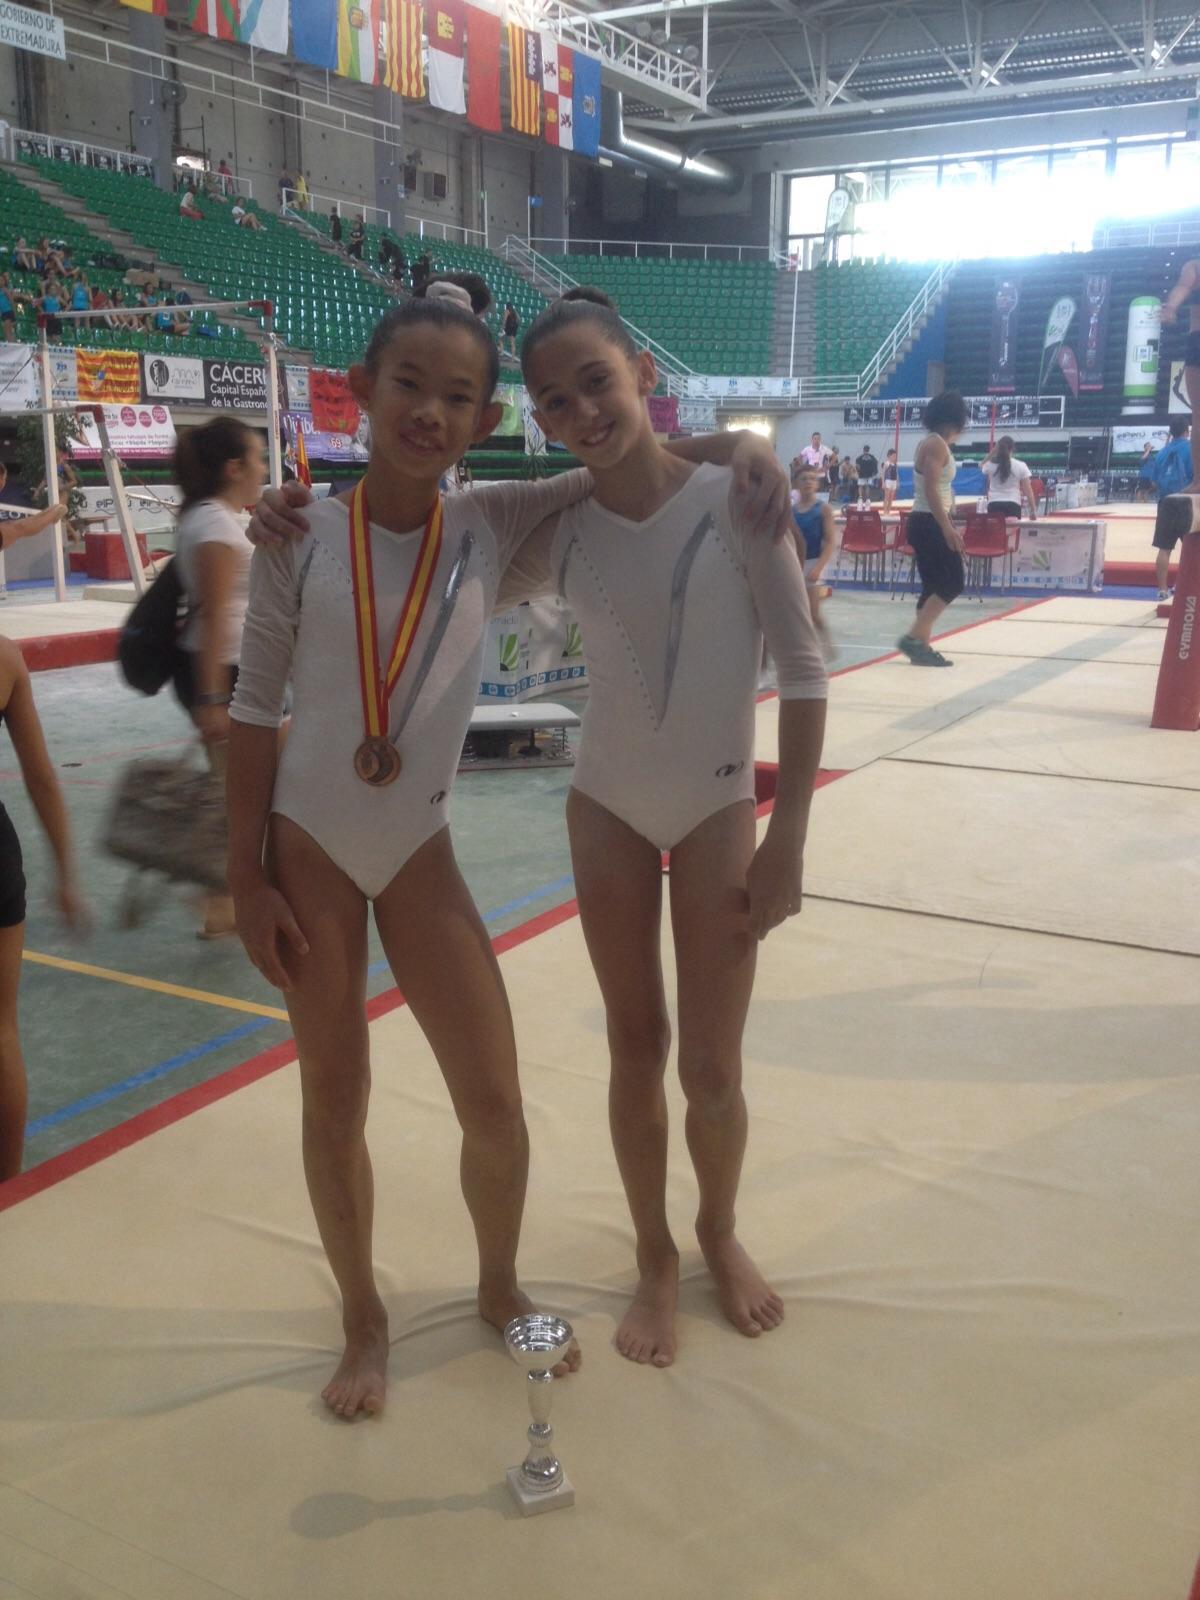 Dues alumnes finalistes al <b>Campionat d'Espanya de Gimnàstica</b>